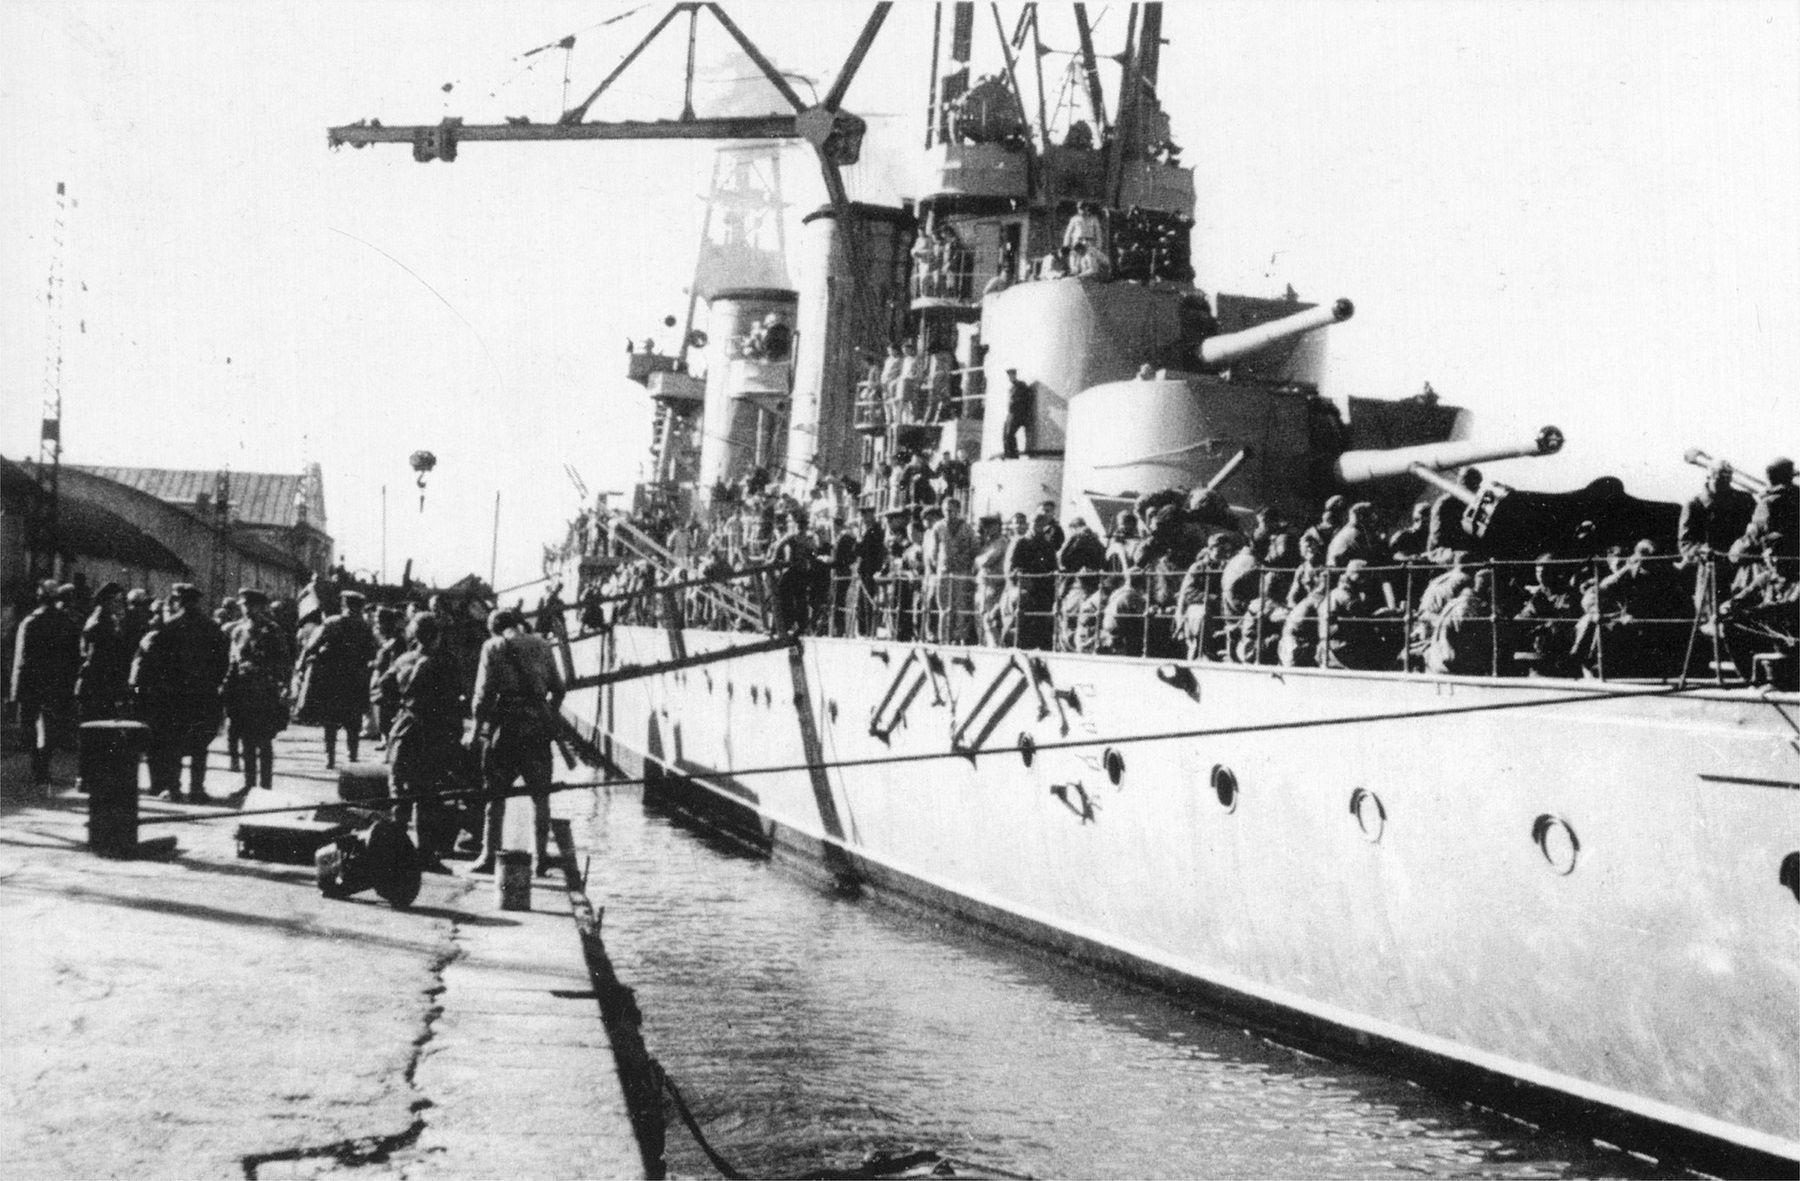 Погрузка советской пеходы на крейсер «Красный кавказ», 1942 год ©Фото с сайта http://waralbum.ru